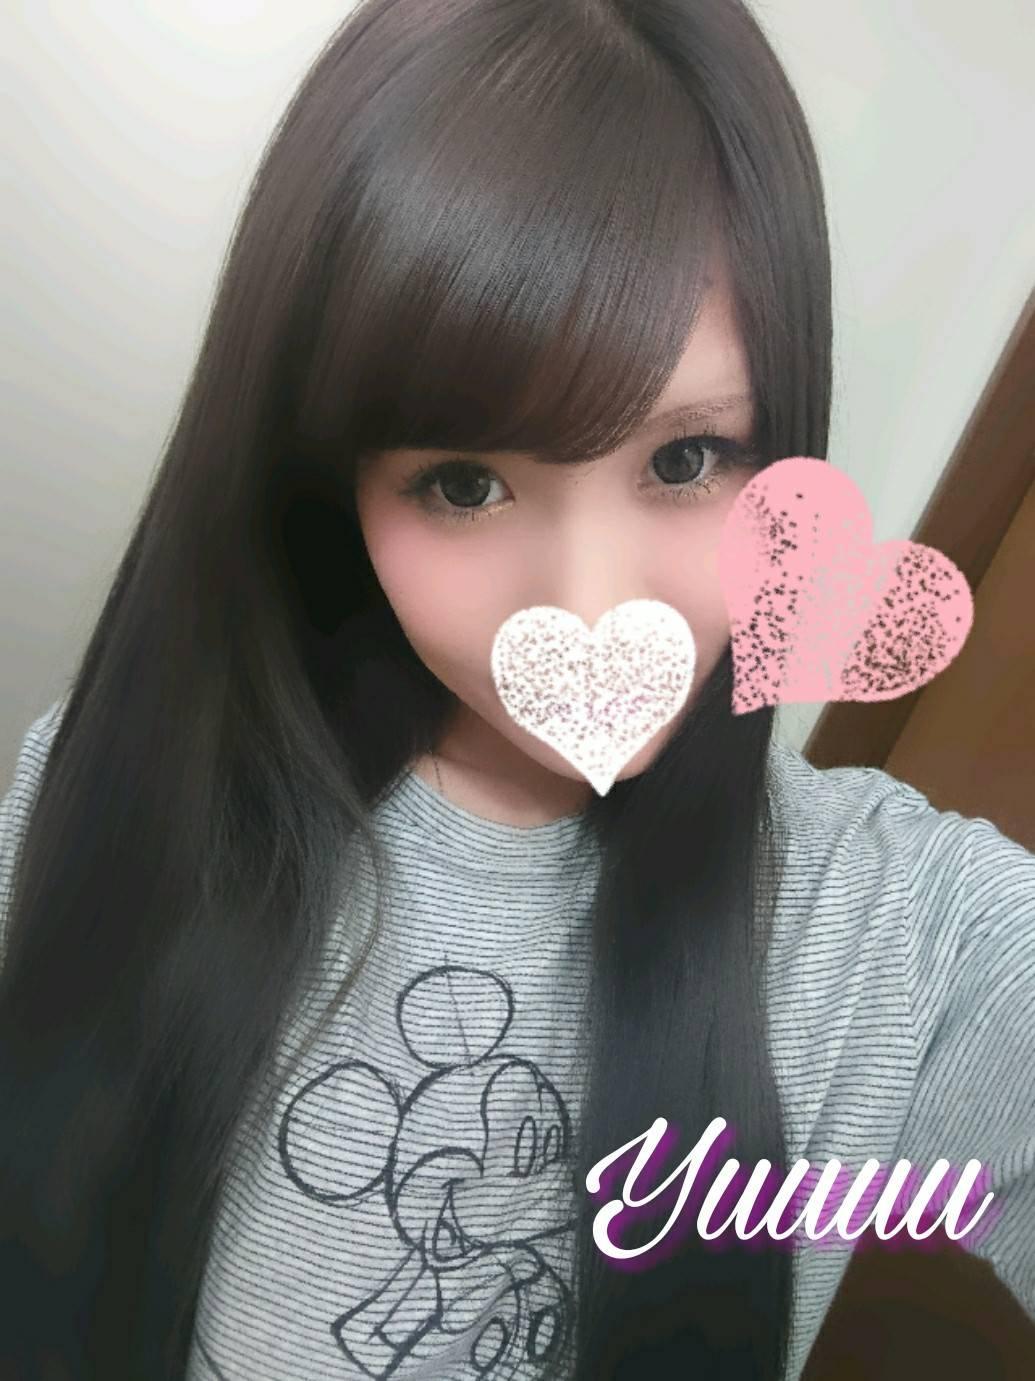 優羽(ゆう)「♡Yuuuu♡」12/14(木) 16:06 | 優羽(ゆう)の写メ・風俗動画